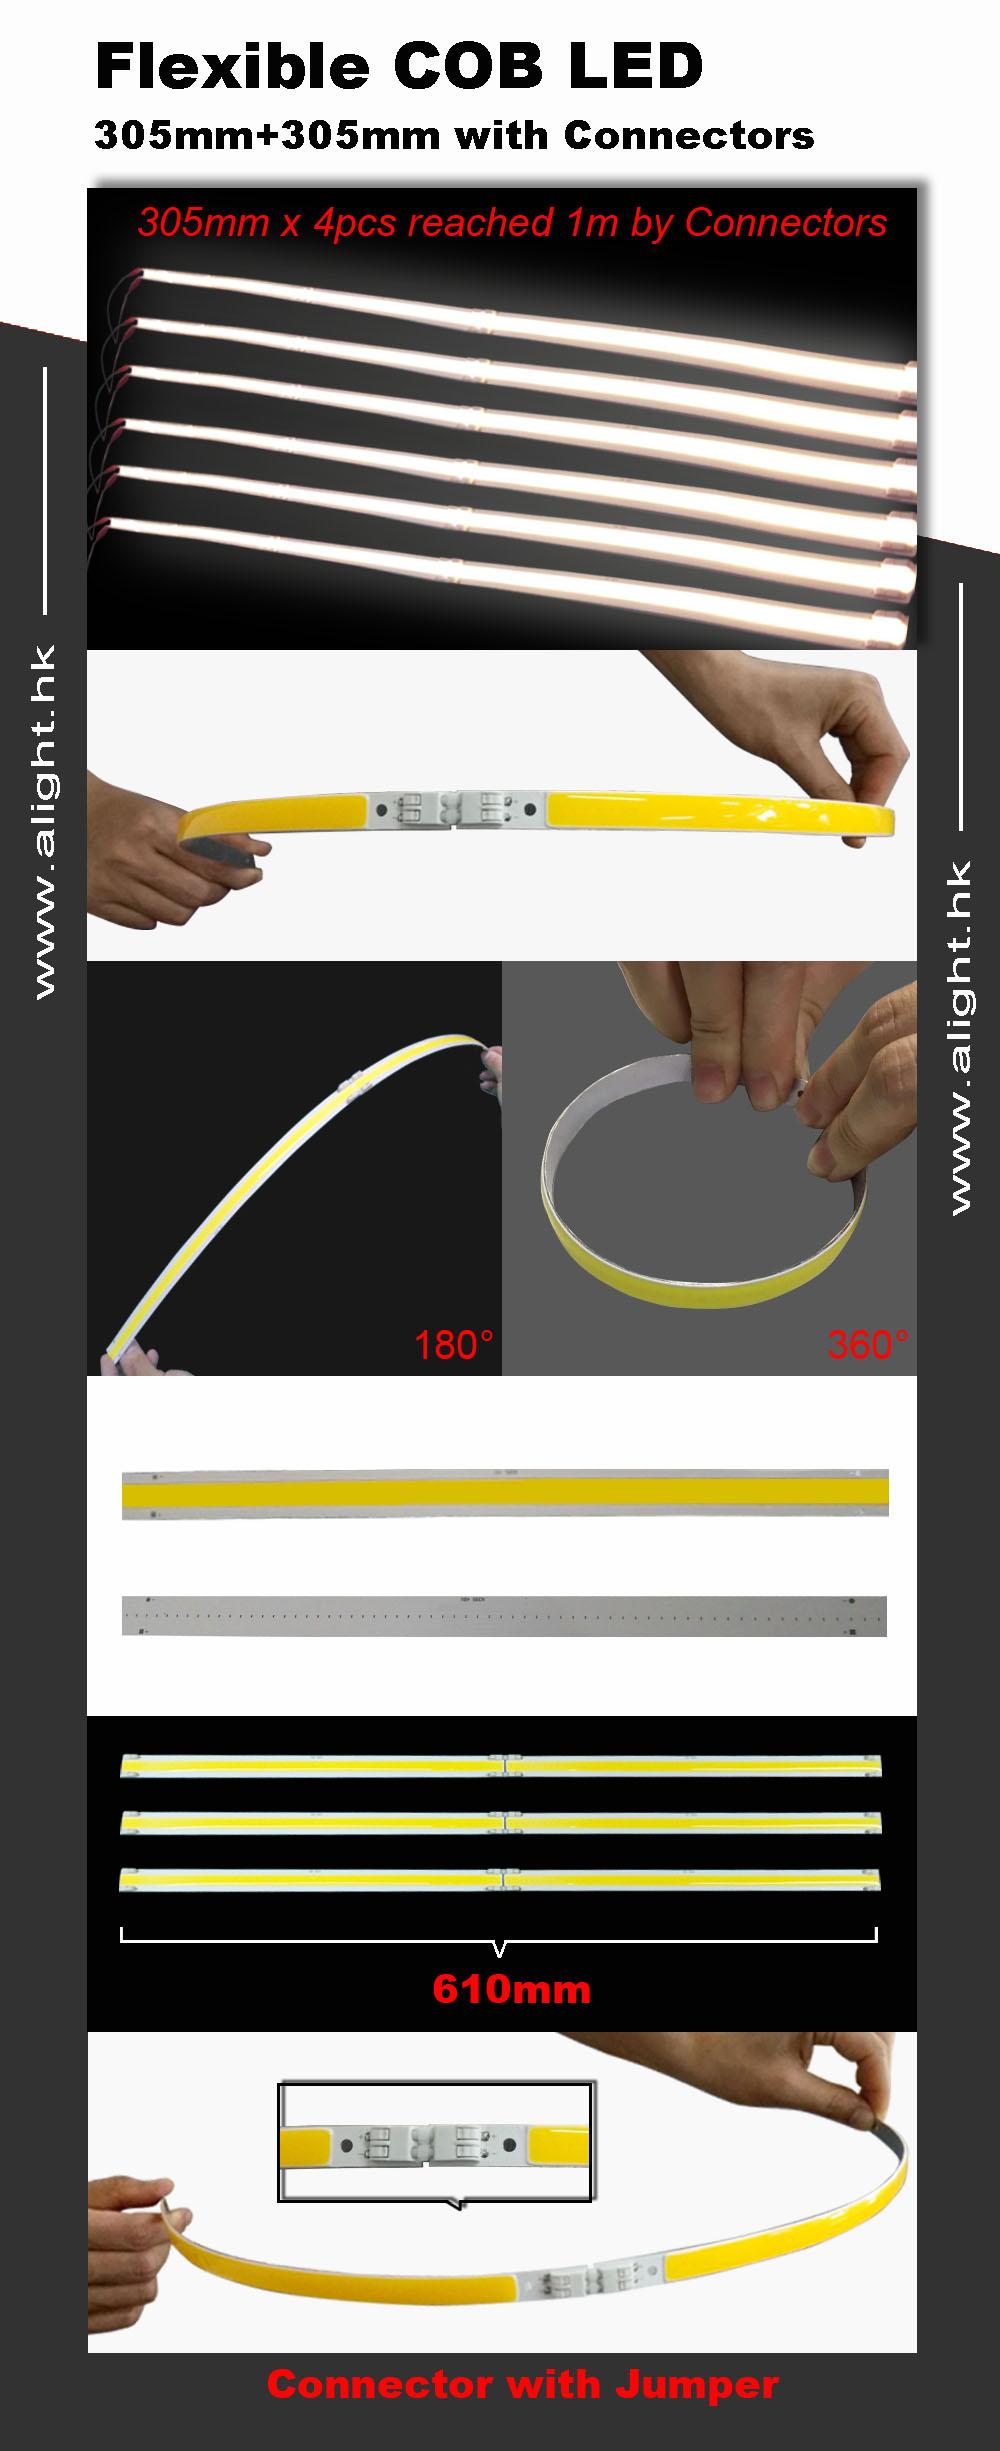 LED COB flexible